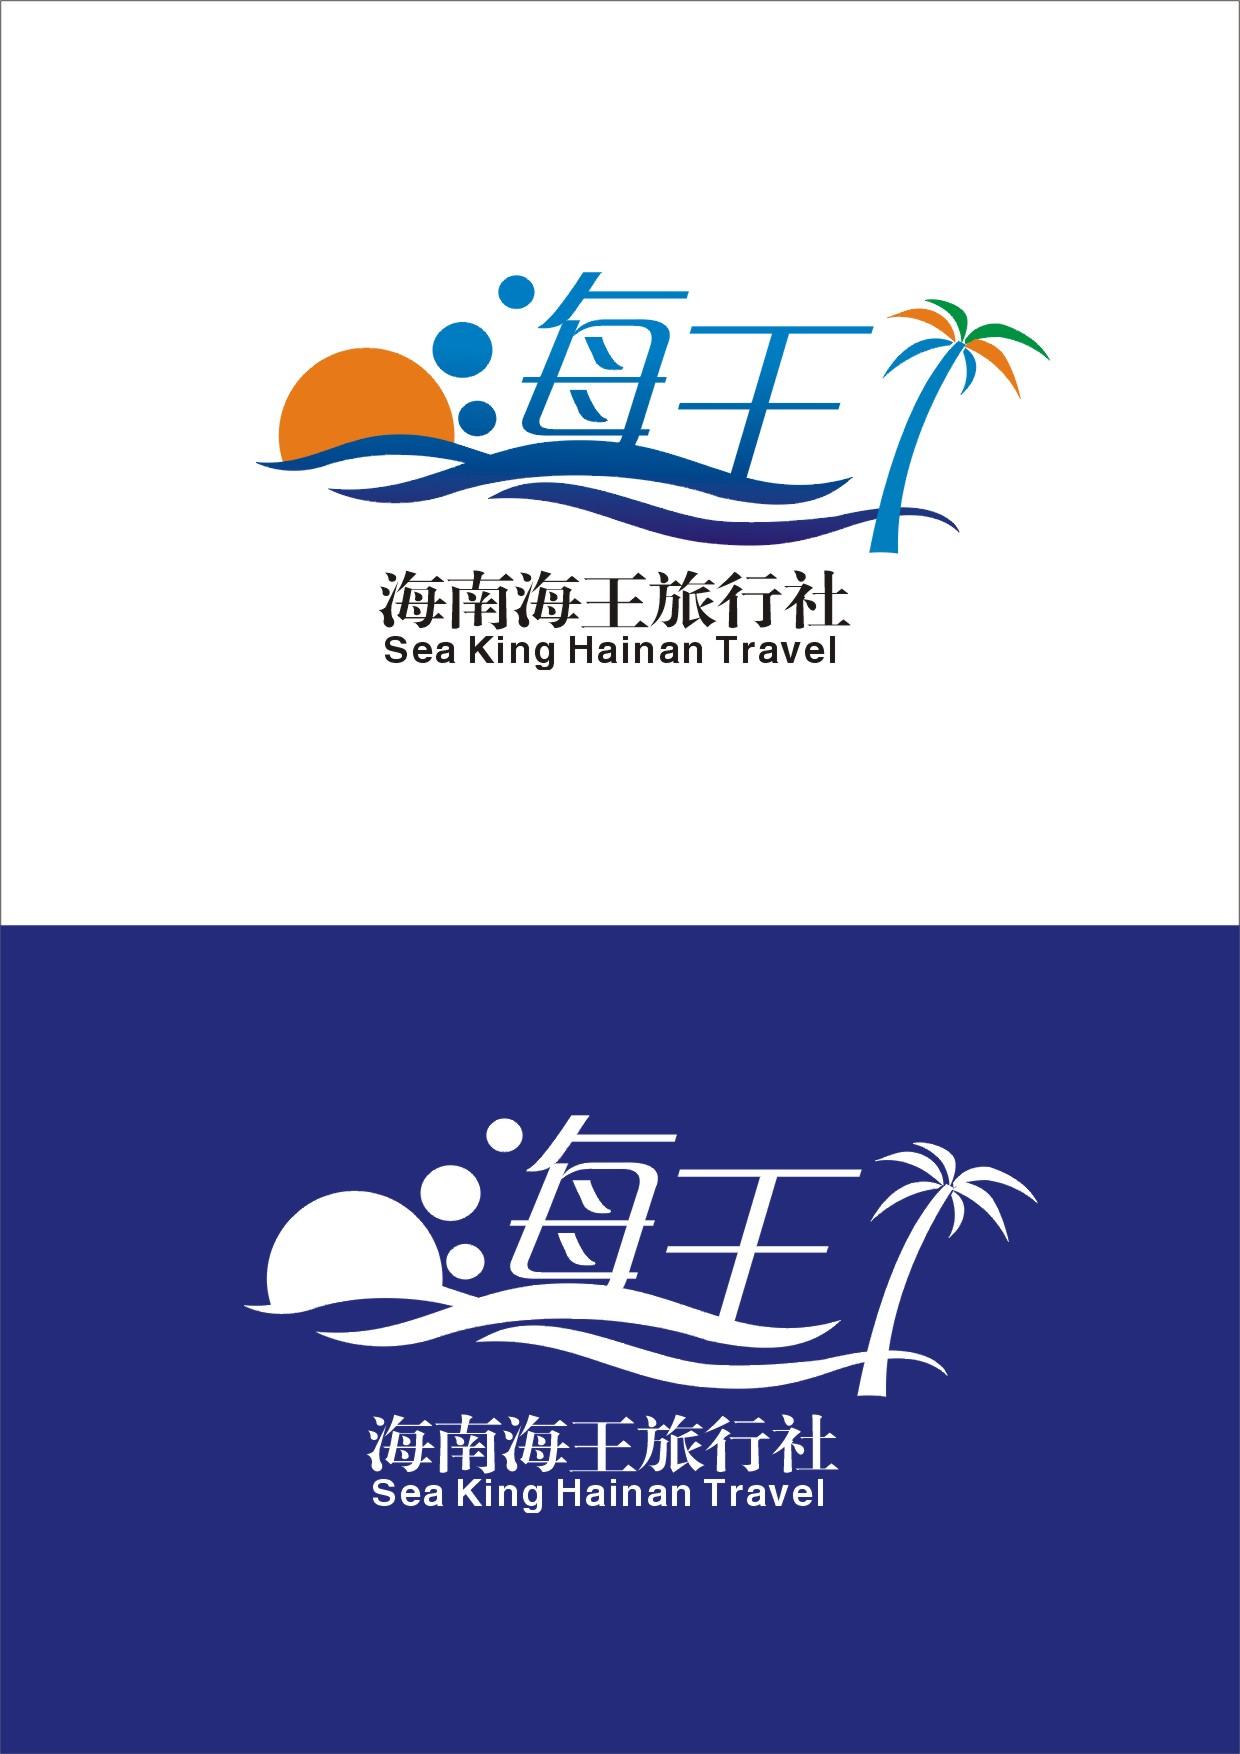 海南海王旅游公司logo设计